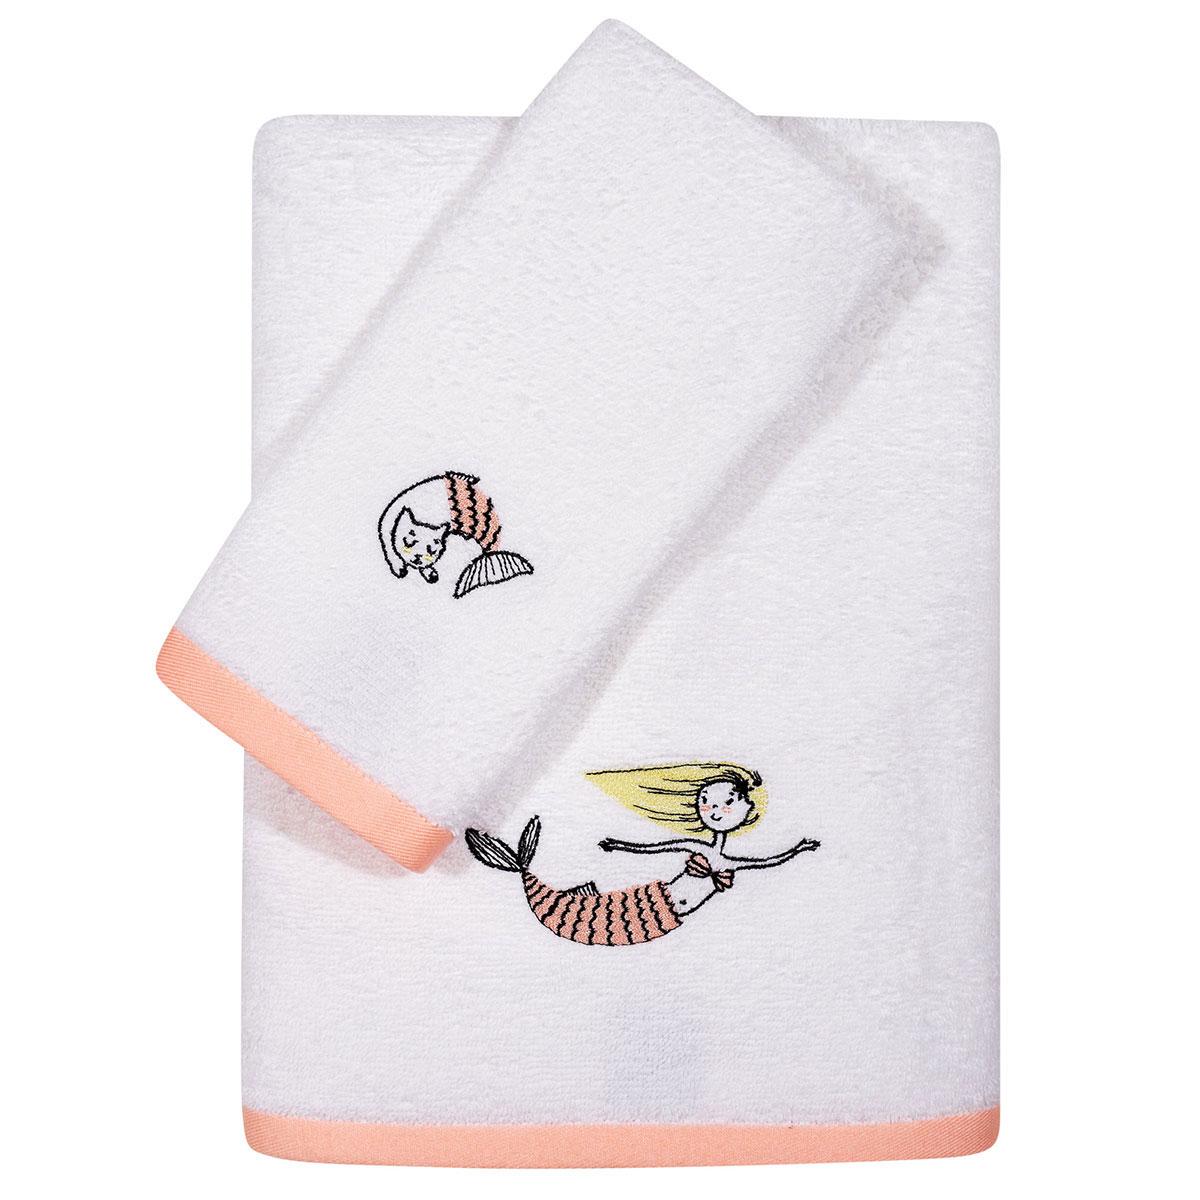 Βρεφικές Πετσέτες (Σετ 2τμχ) Das Home Fun 6569